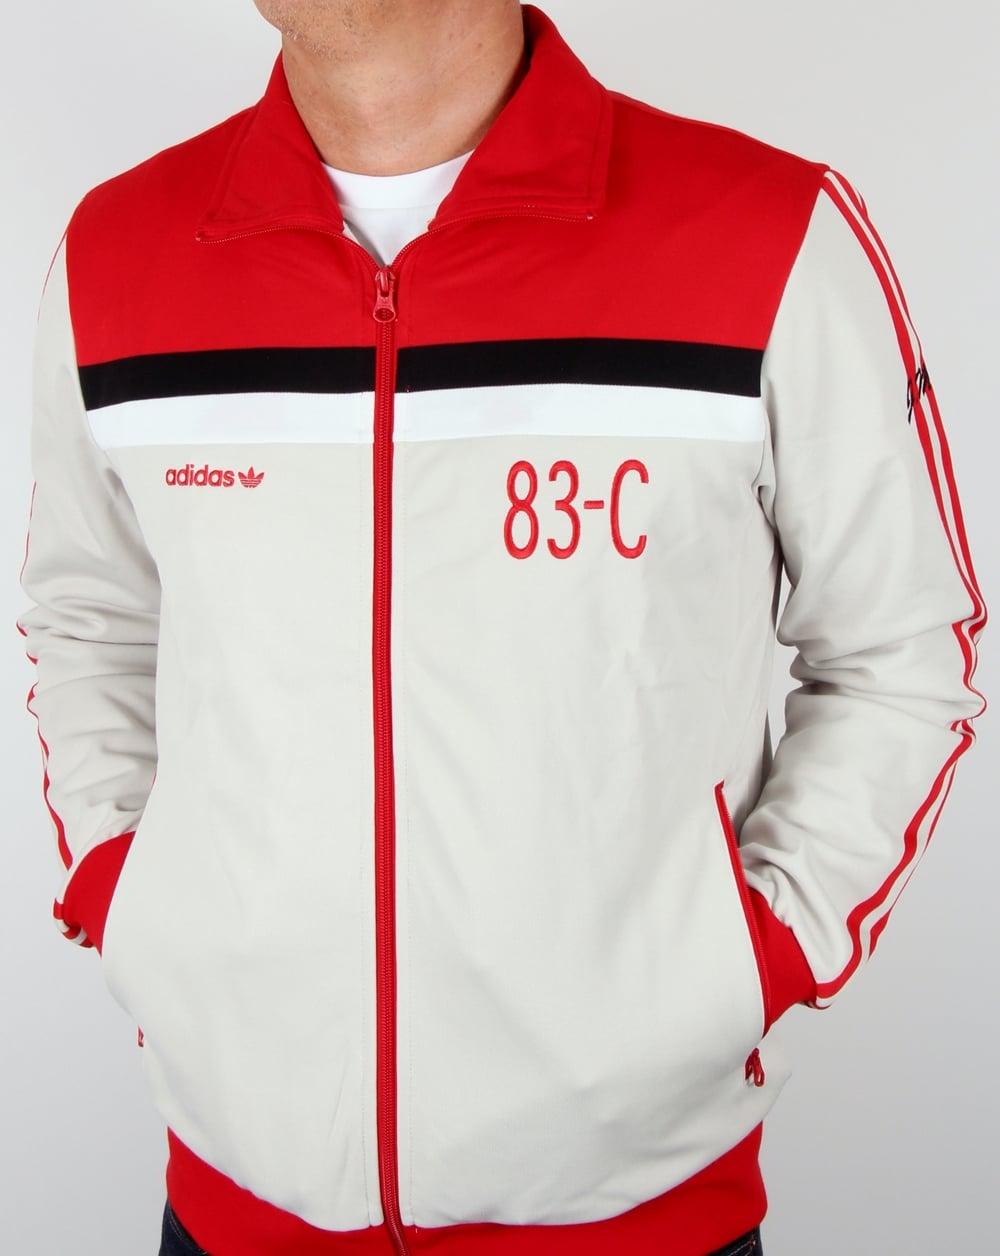 adidas 83 c. adidas originals 83-c track top talc/red 83 c 2